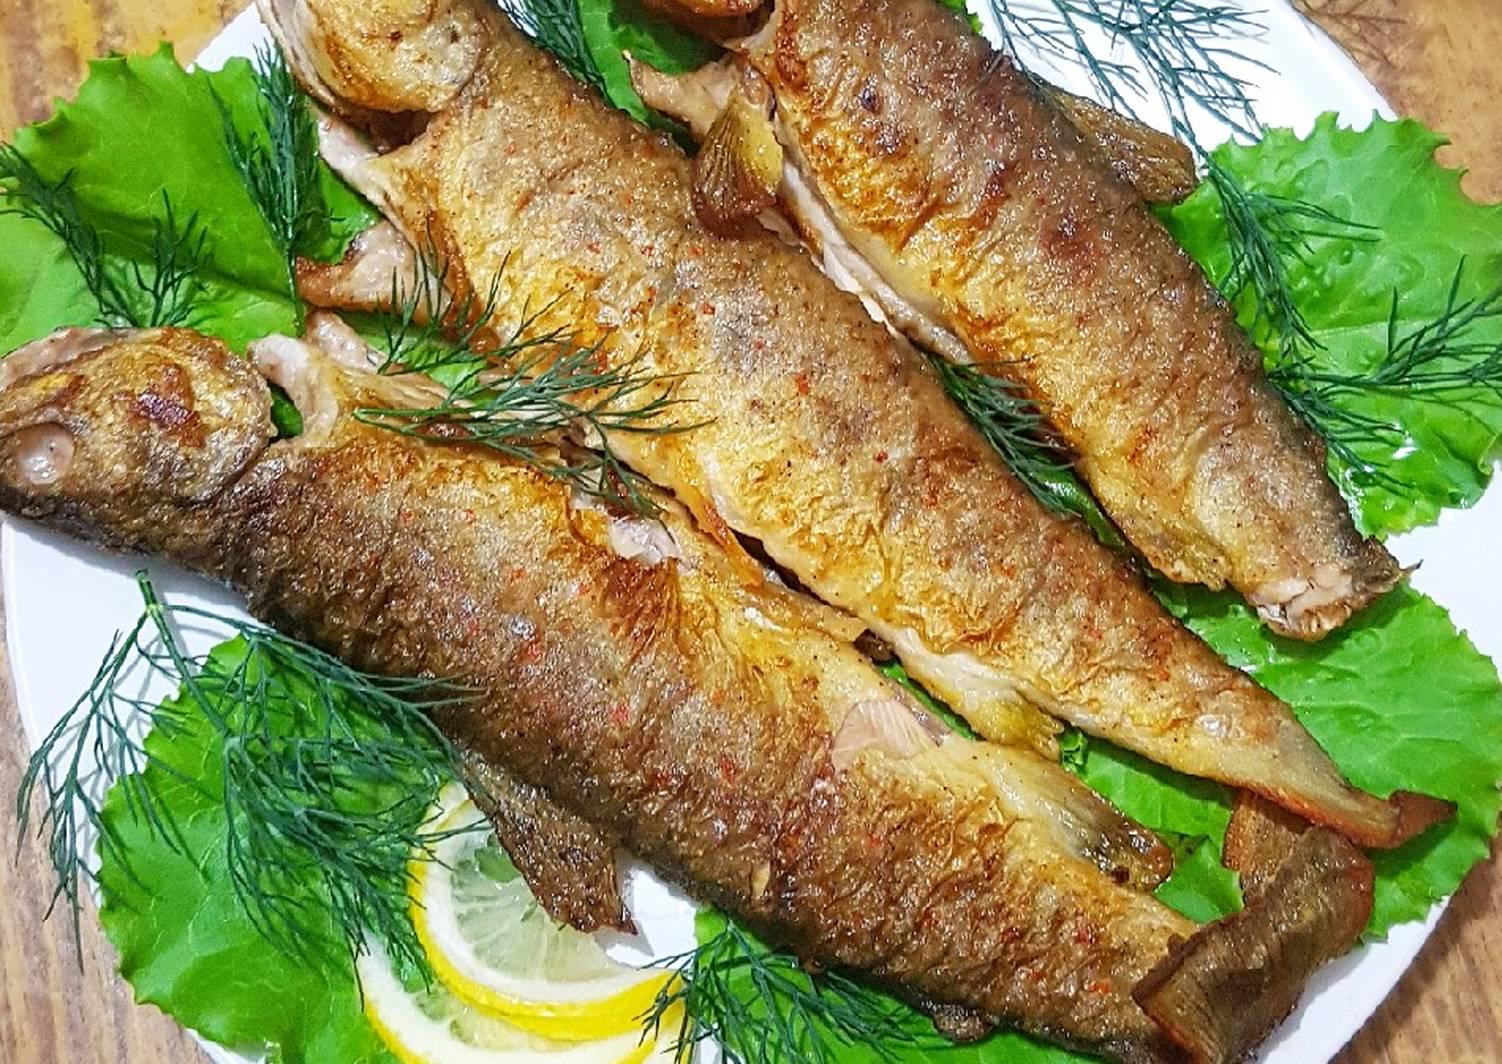 блюда из речной рыбы рецепты с фото классической